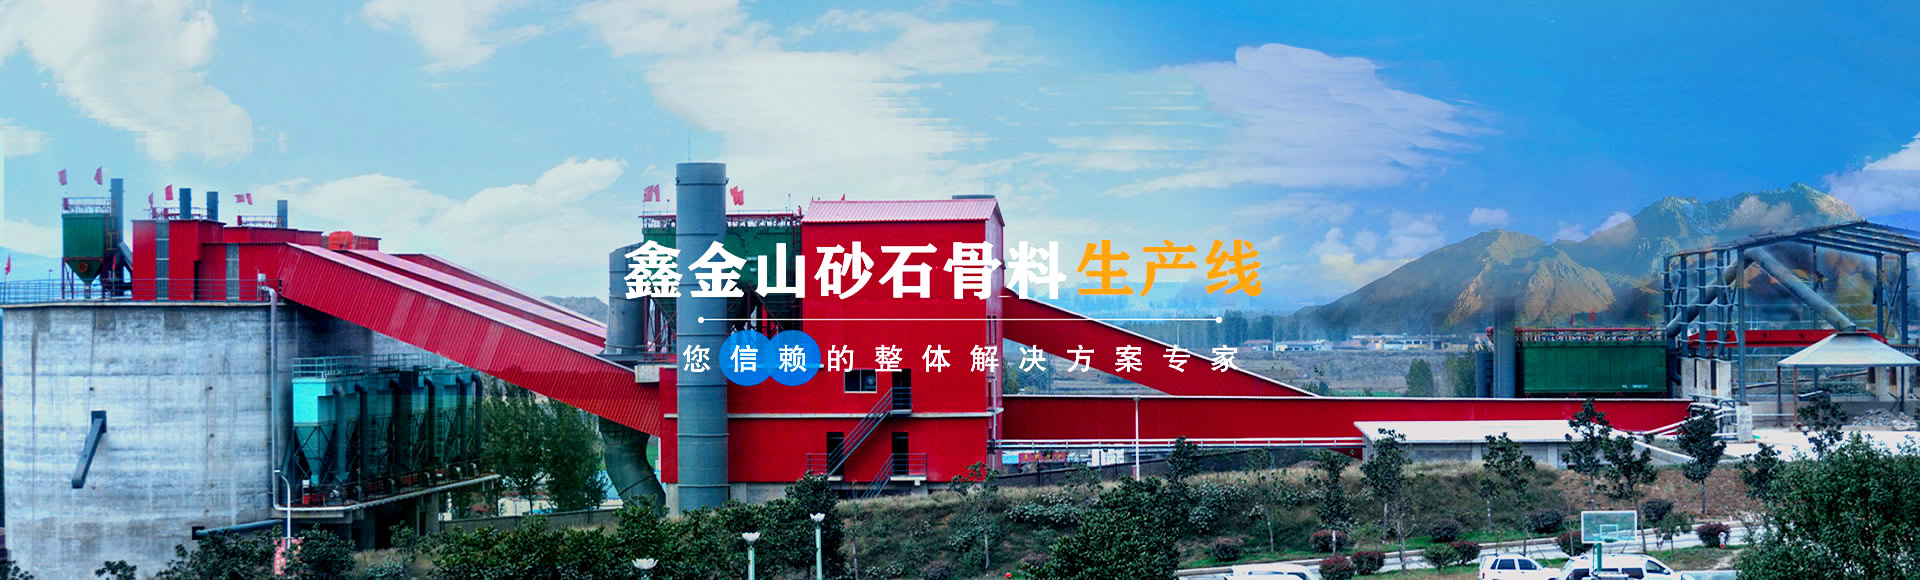 鑫金山砂石骨料生产线